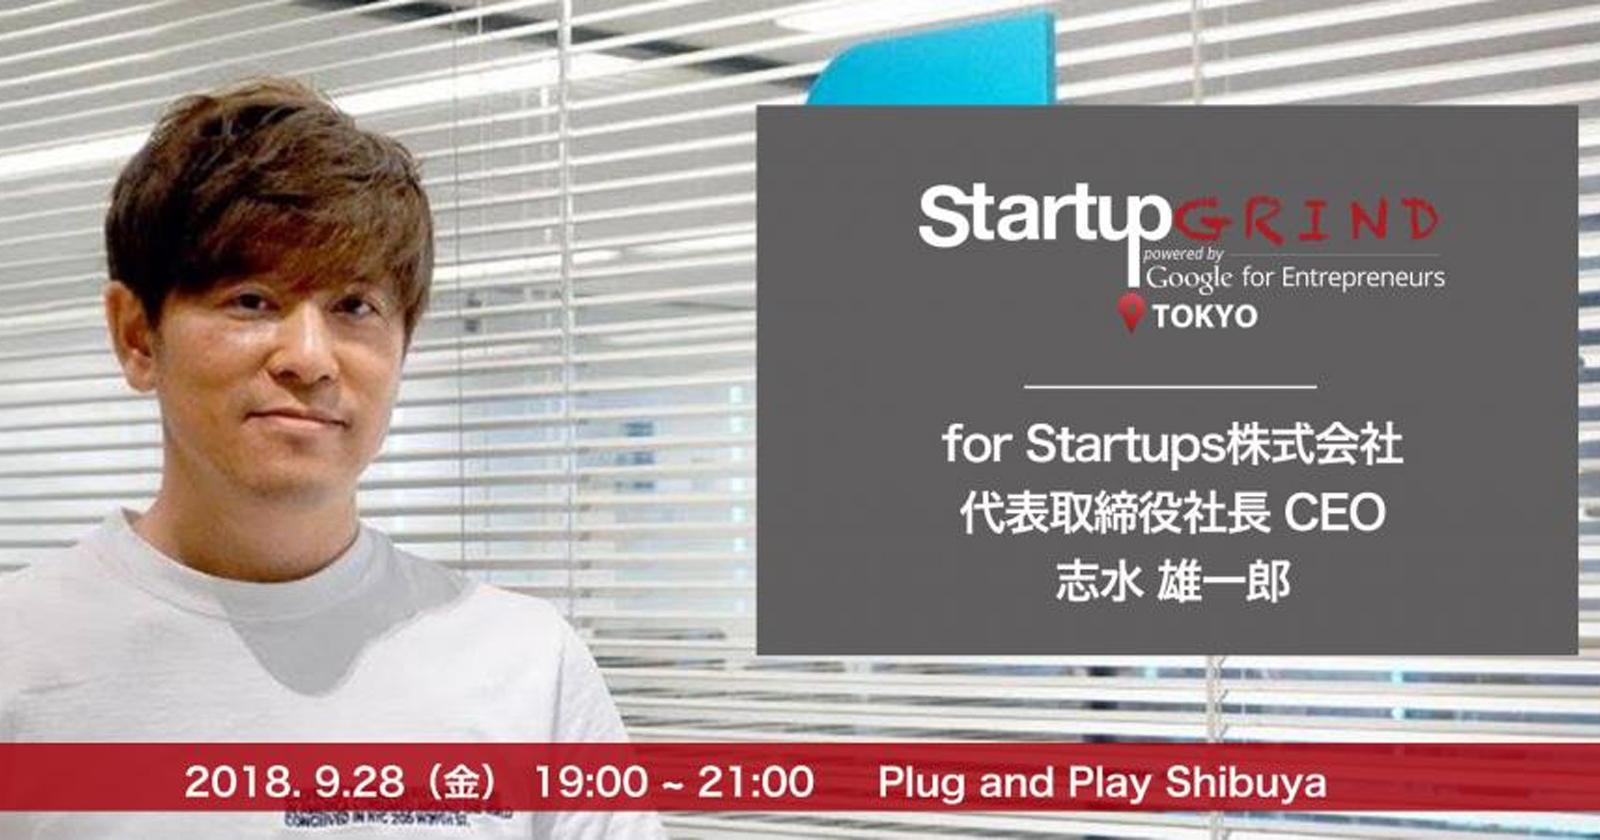 9月28日に開催される『Startup GRIND TOKYO powered by Google for Entrepreneurs』に、弊社代表の志水雄一郎が登壇いたします。